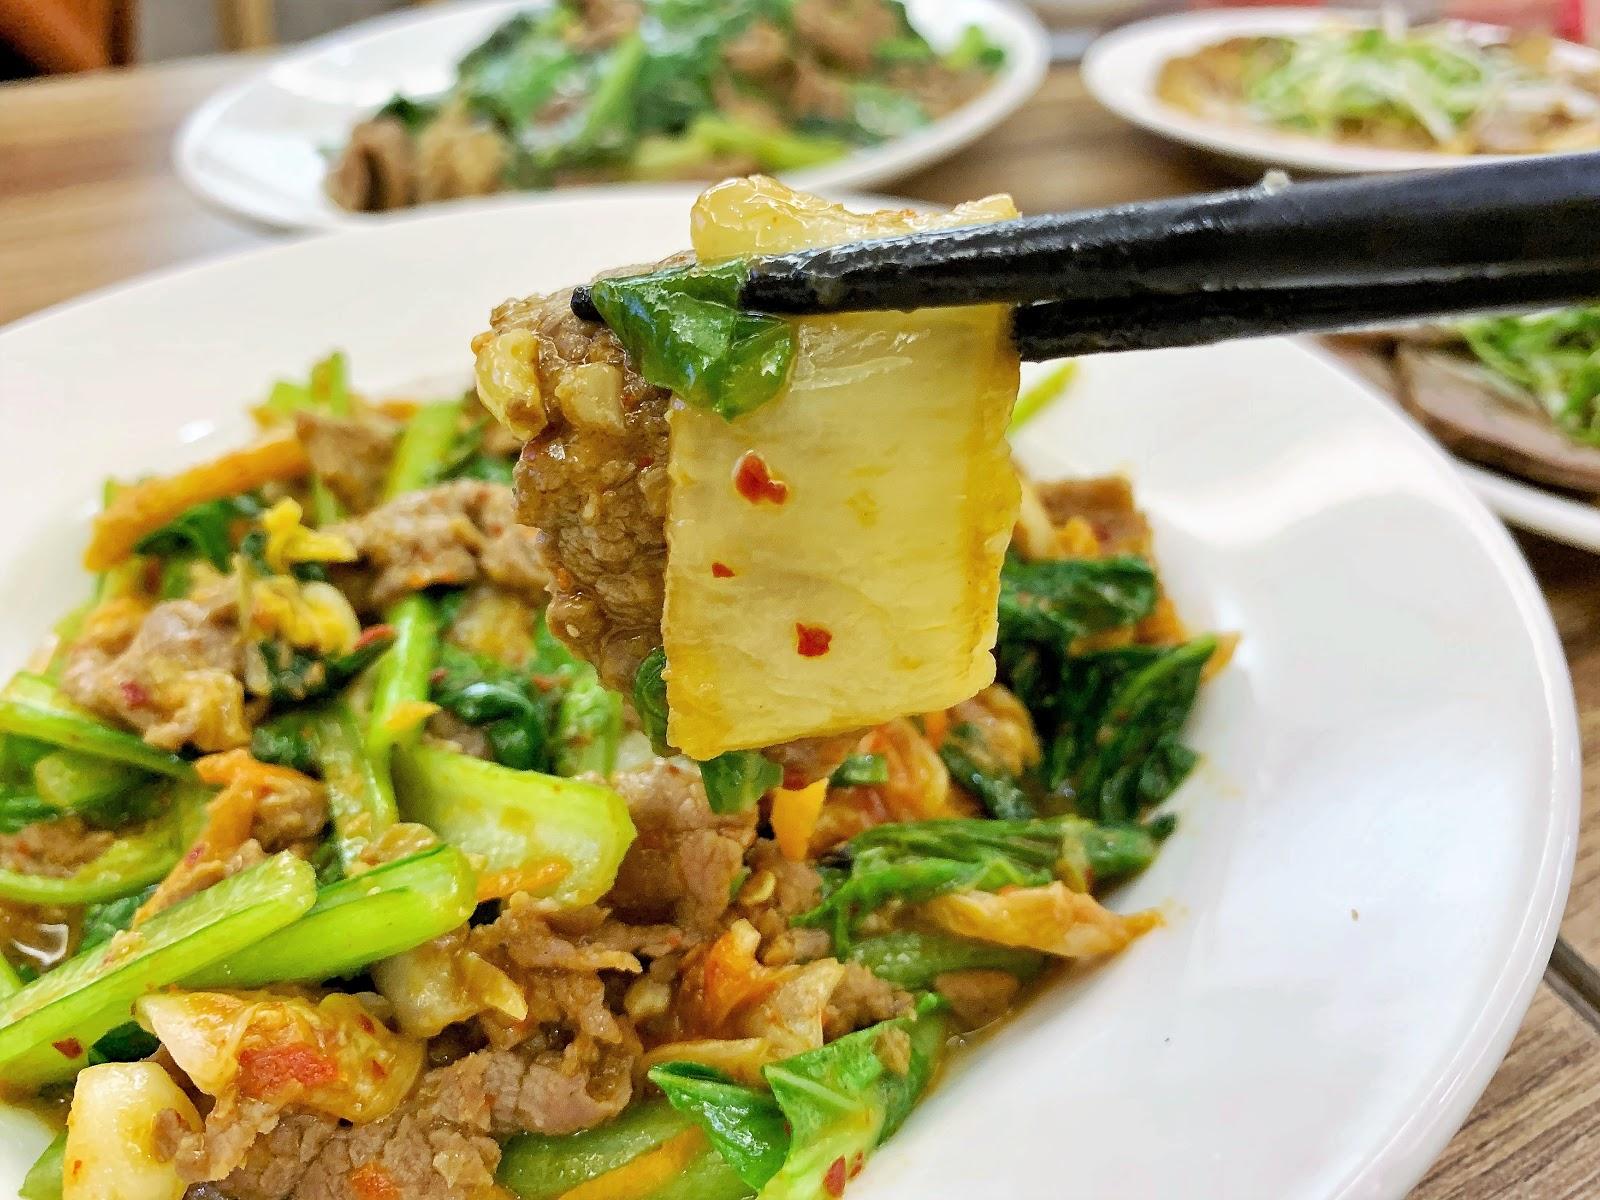 微辣開胃的只有牛韓式泡菜炒牛肉